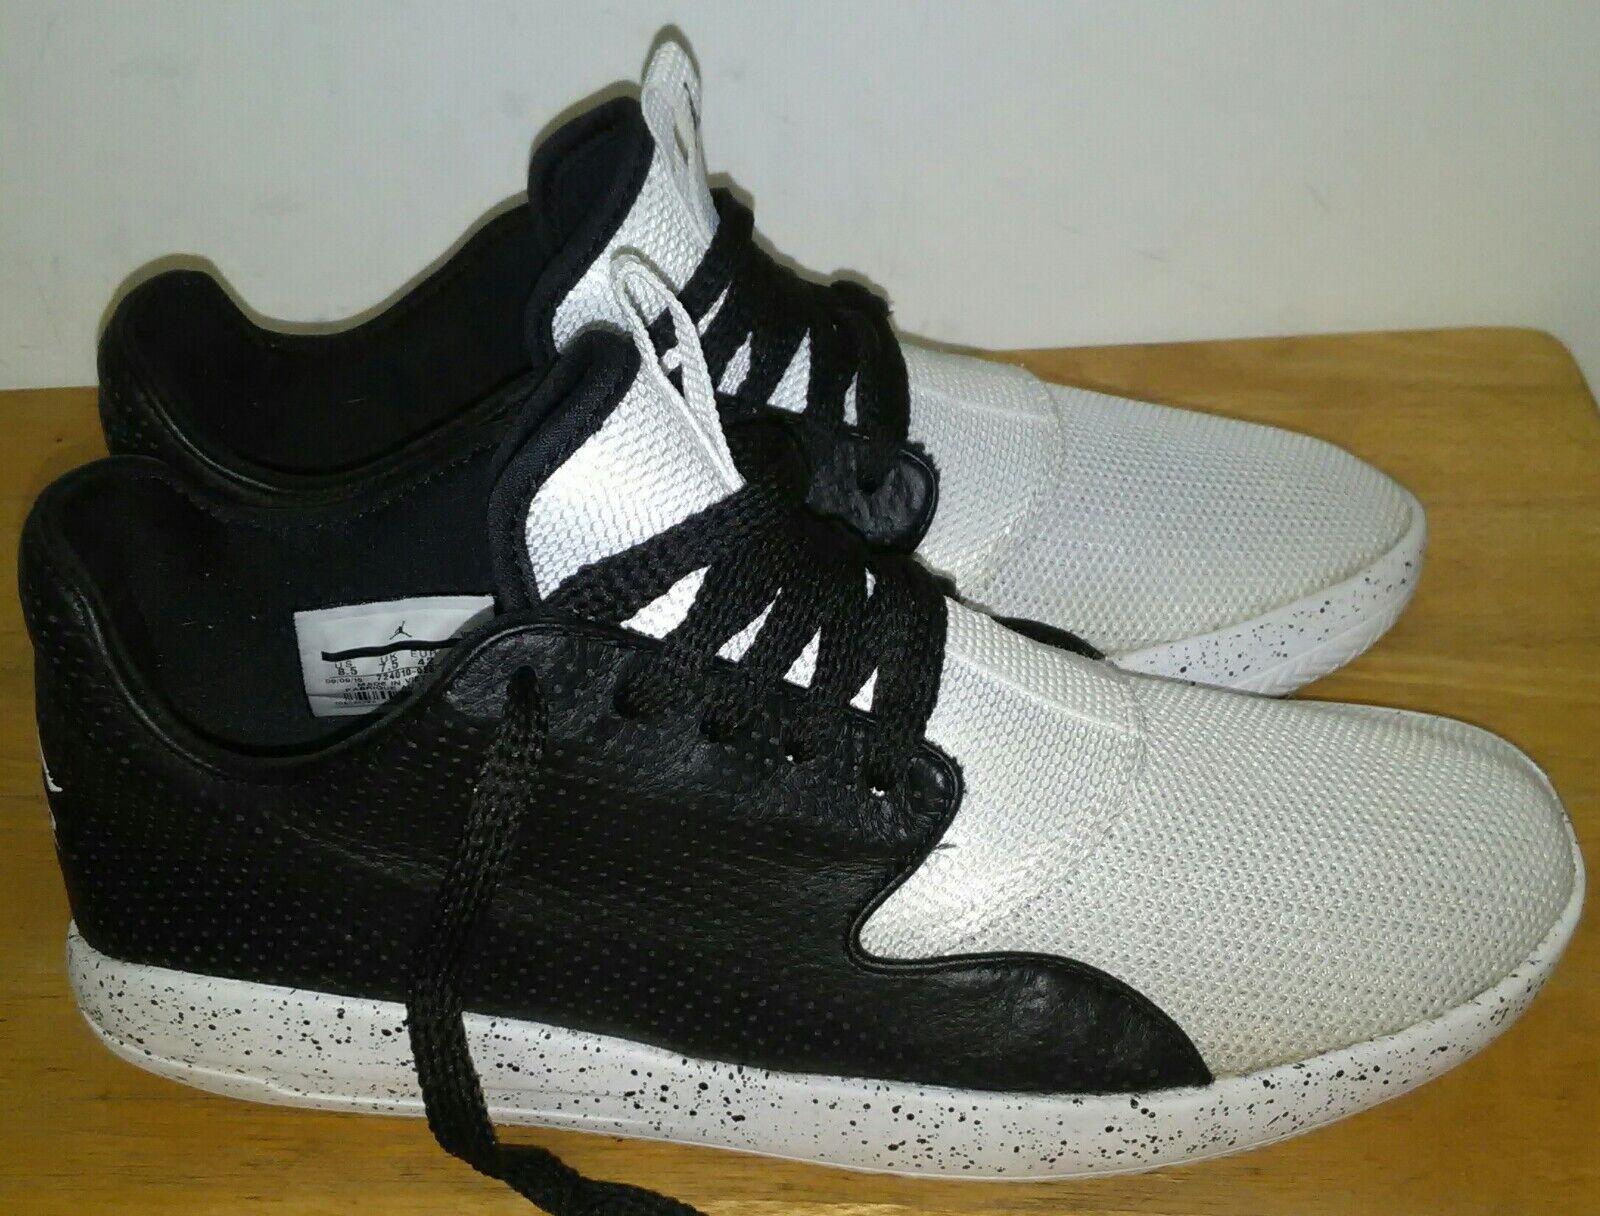 7e544c370307f Nike Jordan Eclispe Black White 724010 020. Size 8.5 Sneaker Mens ...